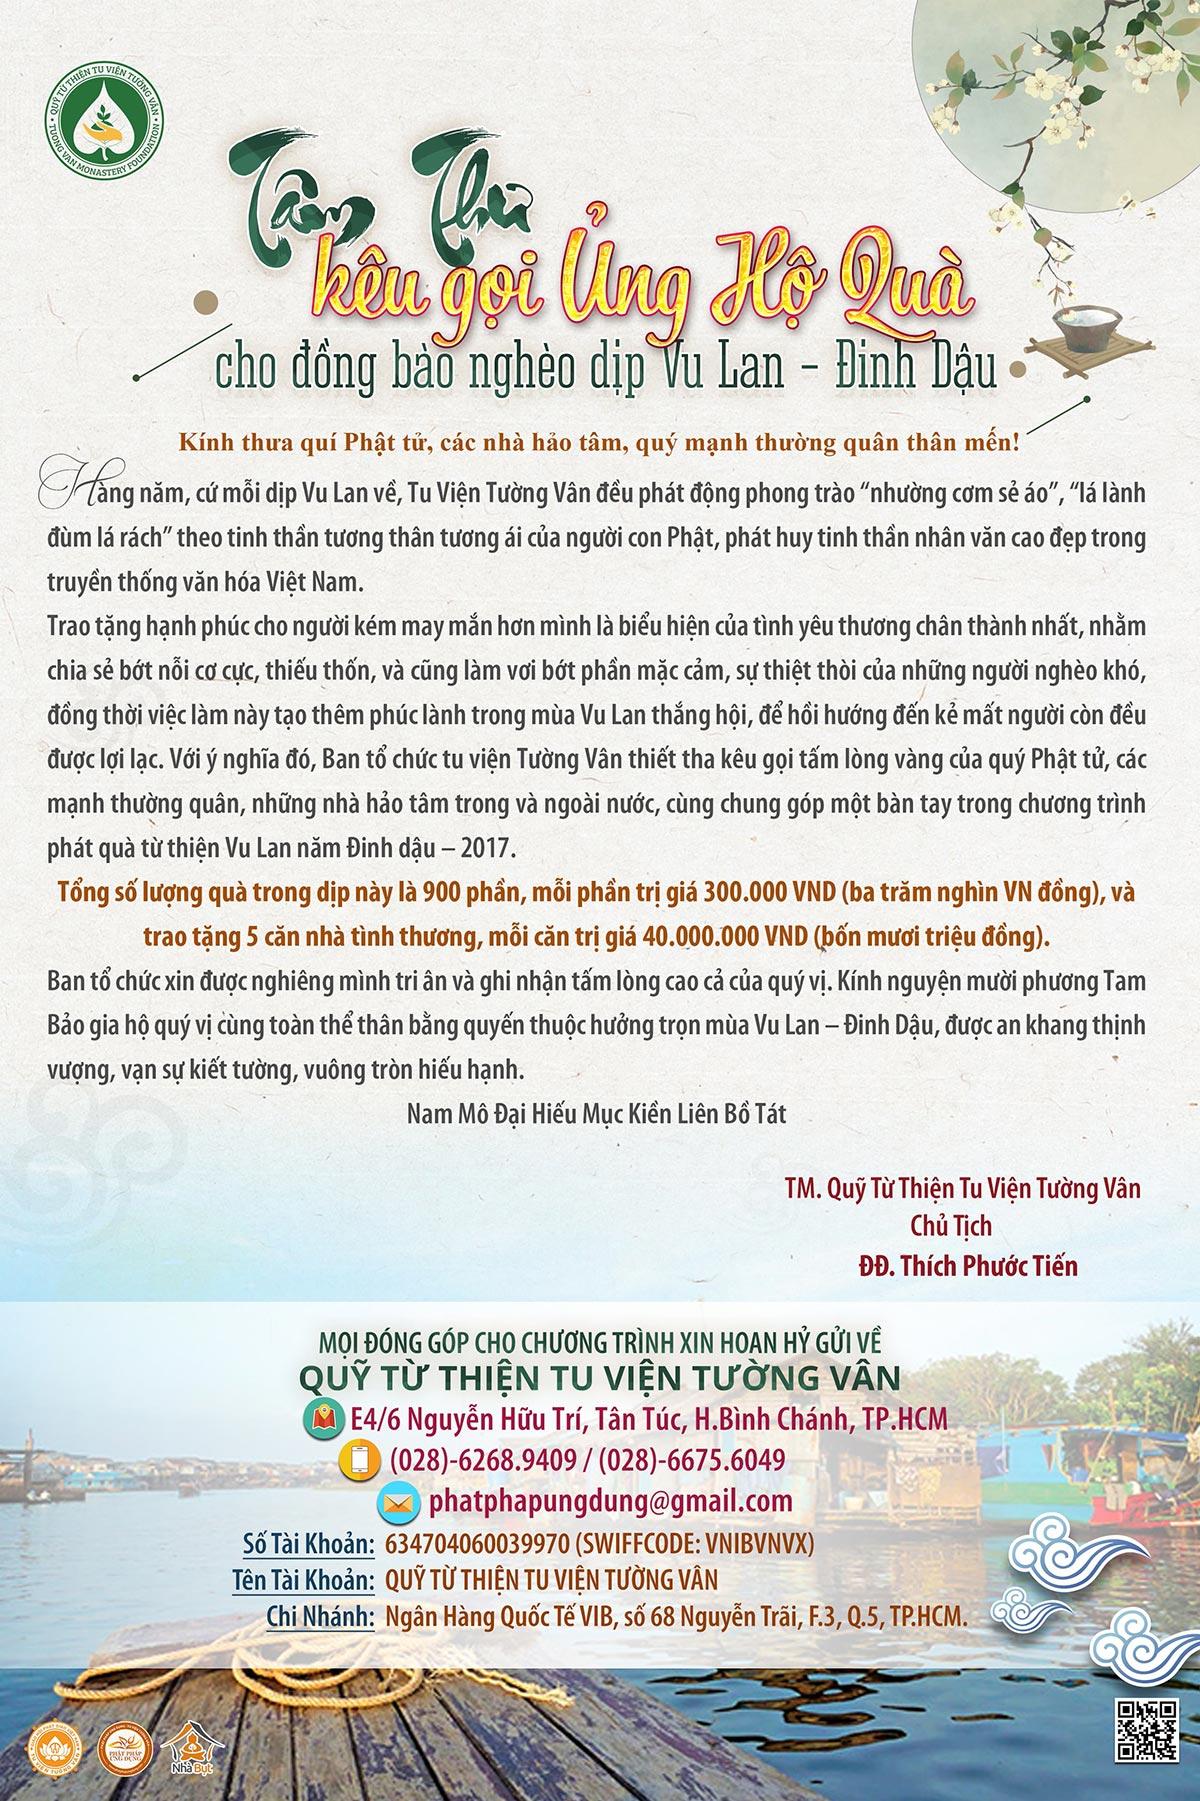 Tâm thư kêu gọi ủng hộ đồng bào nghèo dịp Vu Lan - Đinh Dậu 2017 - PPUD